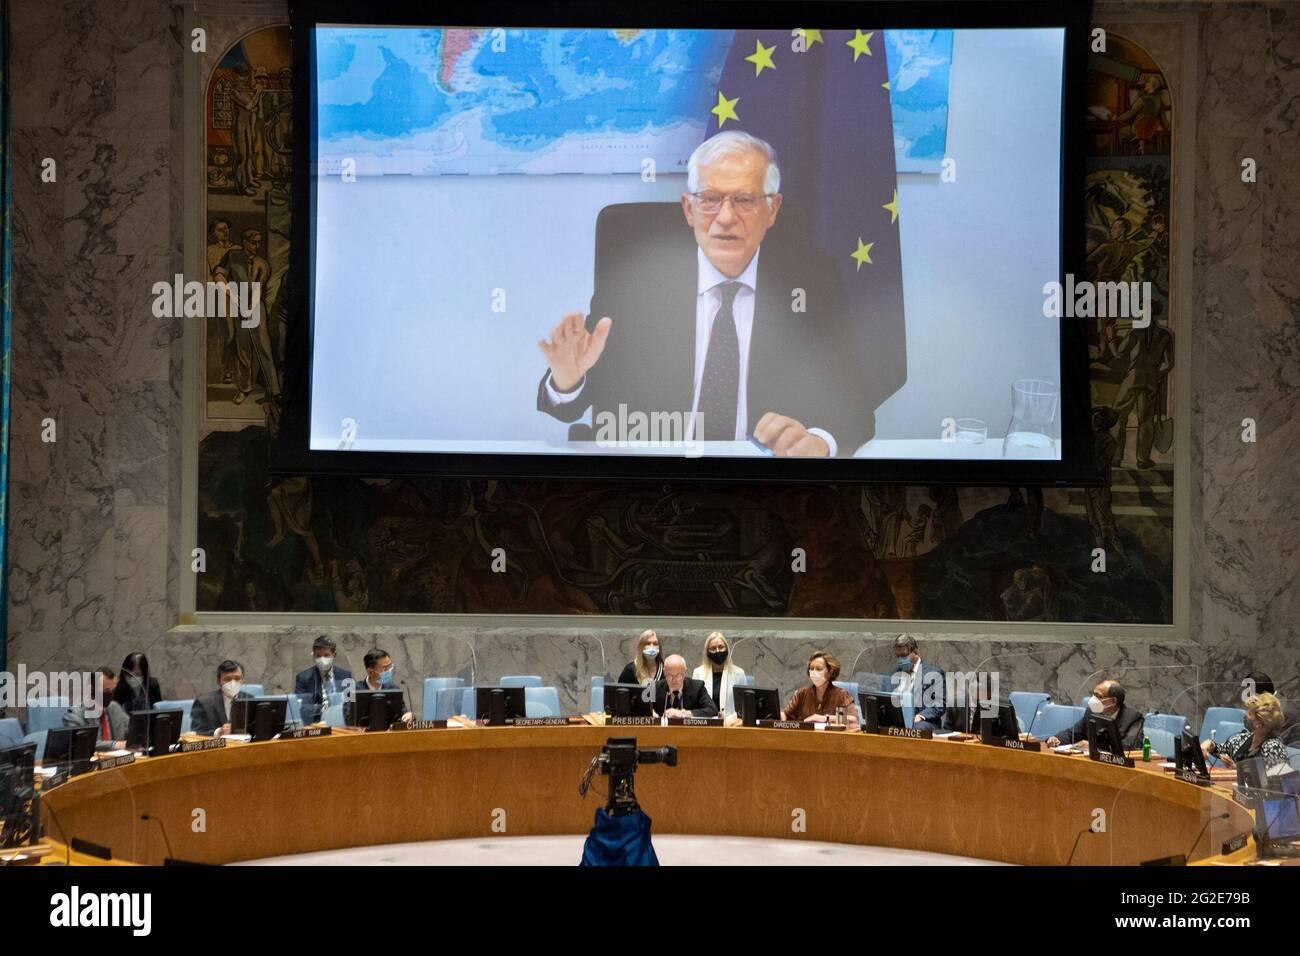 (210610) -- NATIONS UNIES, 10 juin 2021 (Xinhua) -- Josep Borrell, le chef de la politique étrangère de l'Union européenne (à l'écran), s'adresse à une réunion du Conseil de sécurité sur la coopération entre l'UE et l'ONU par liaison vidéo au siège de l'ONU à New York, le 10 juin 2021. Josep Borrell a appelé jeudi à des efforts pour faire vivre le multilatéralisme. (Eskinder Debebe/un photo/document via Xinhua) Banque D'Images